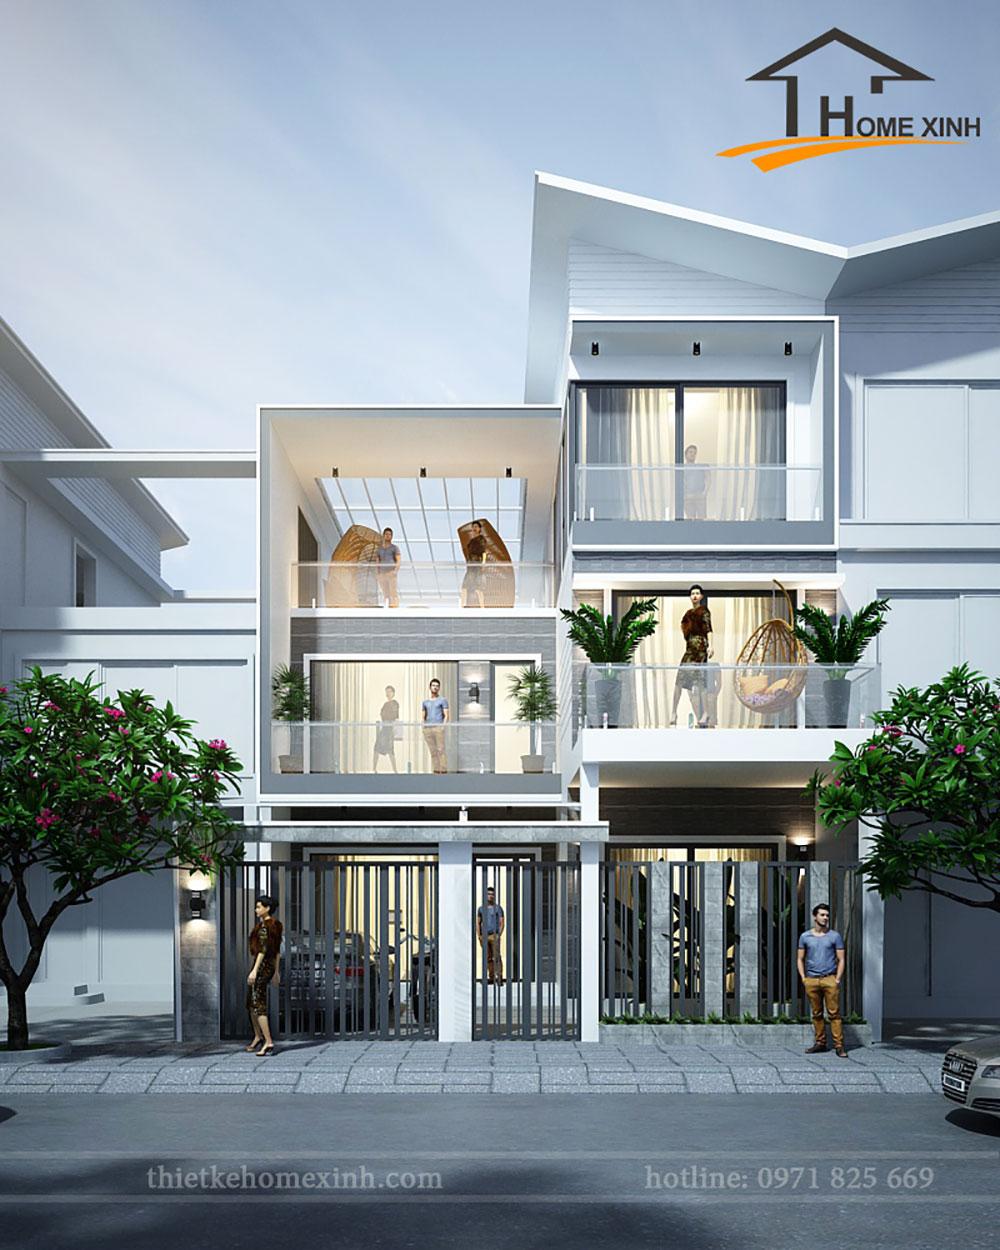 10 mẫu thiết kế kiến trúc biệt thự đẹp năm 2020